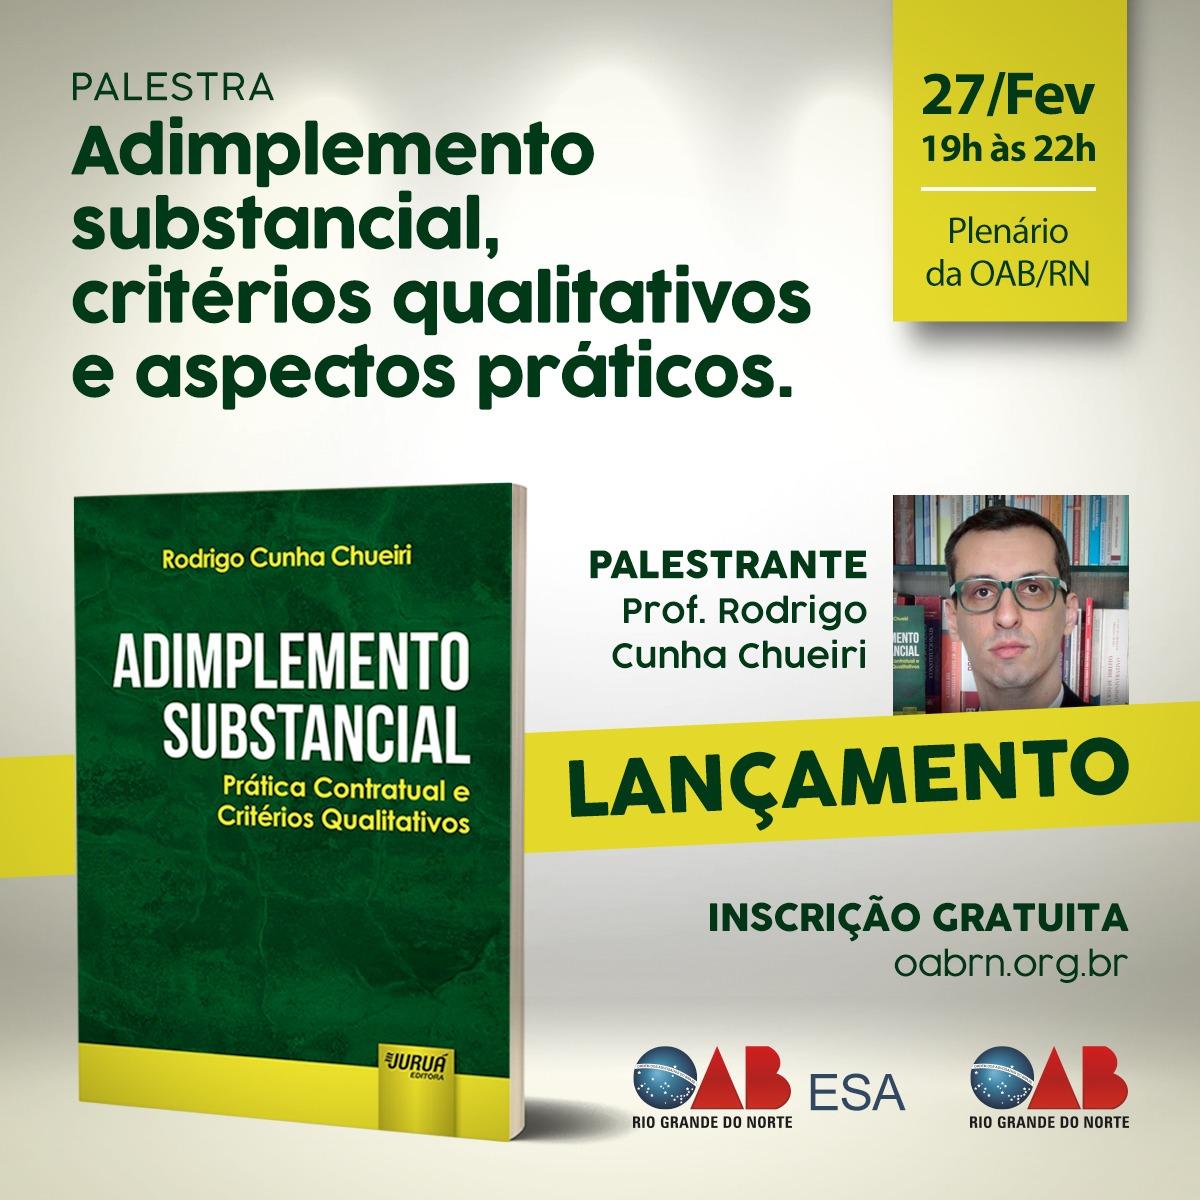 """Palestra: Discussão do tema """"Adimplemento substancial, critérios qualitativos e aspectos práticos""""."""